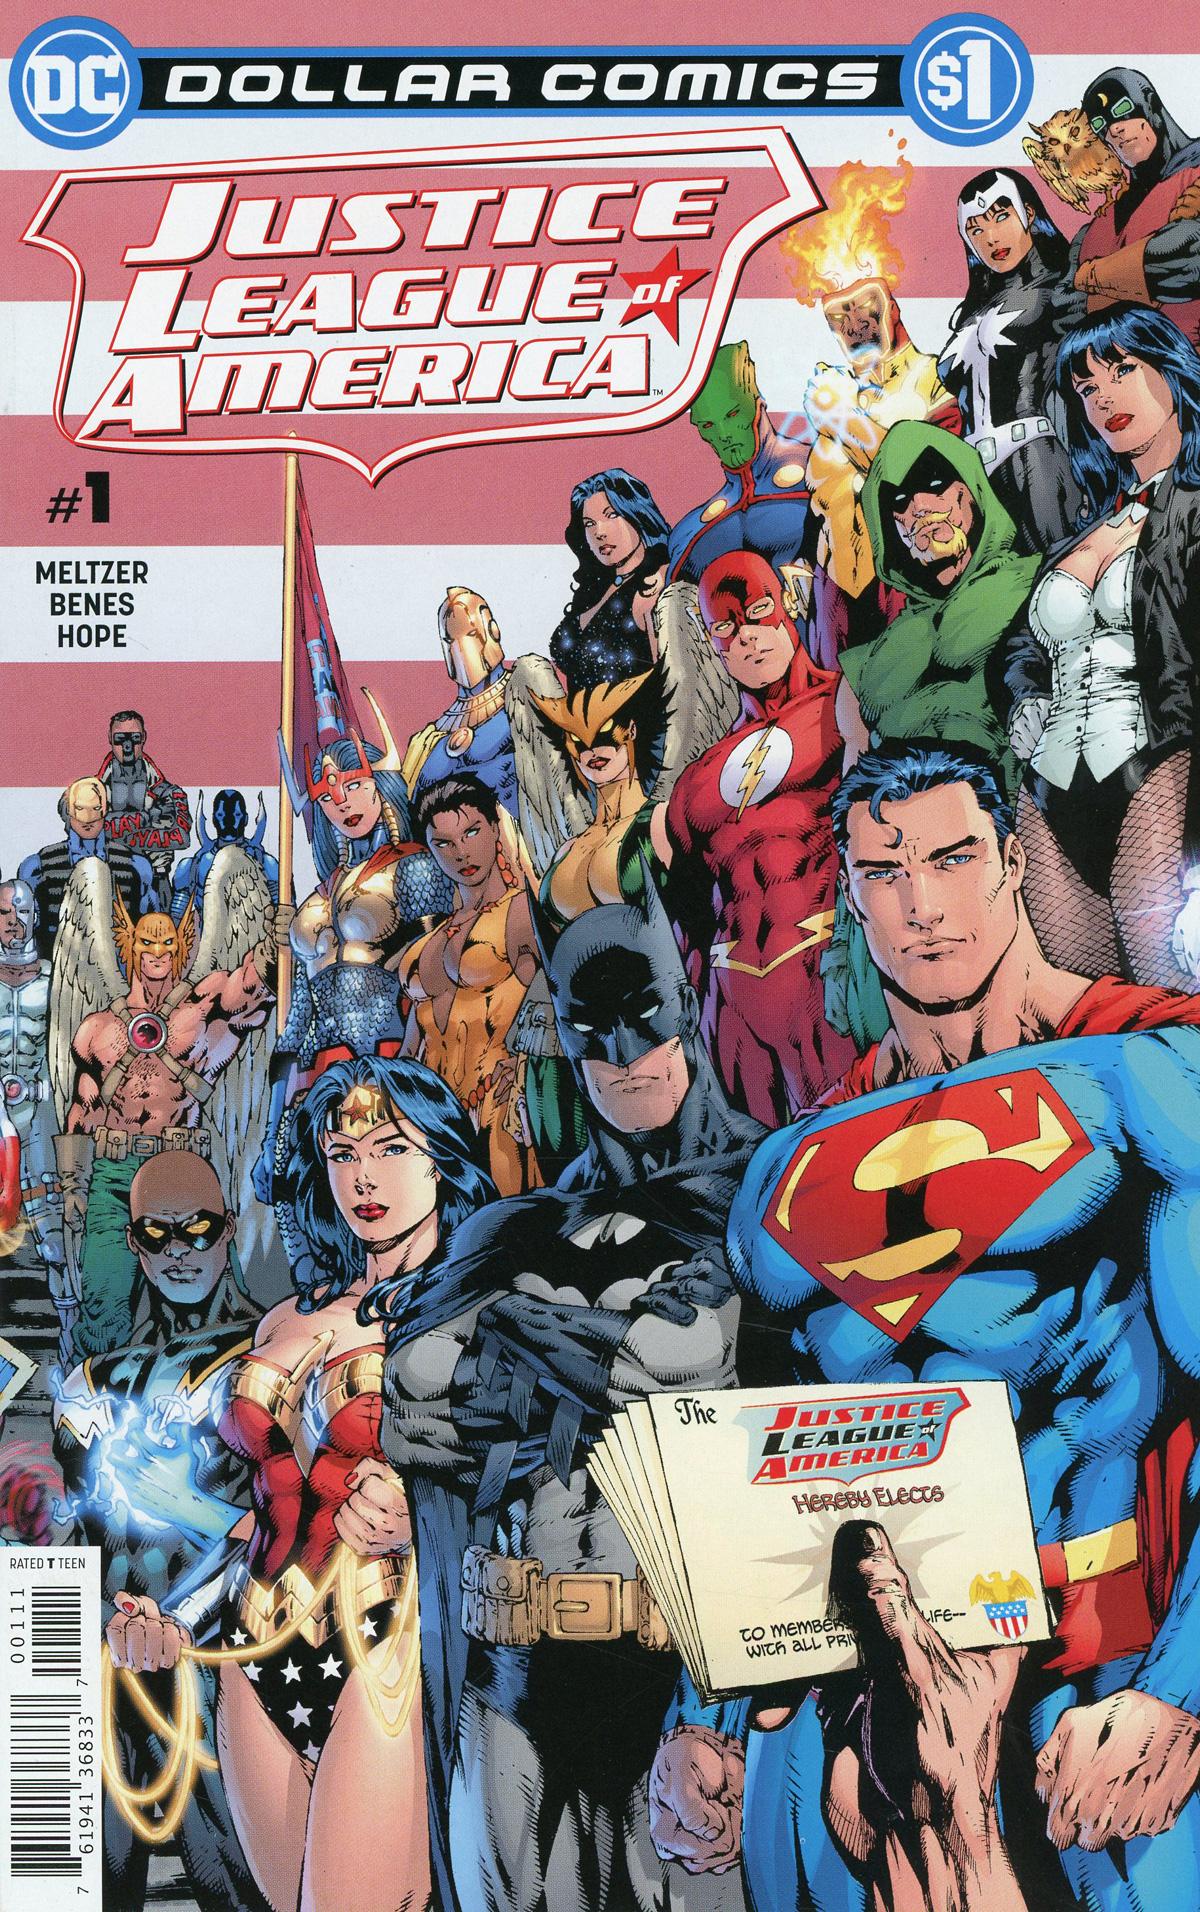 Dollar Comics Justice League Of America Vol 2 #1